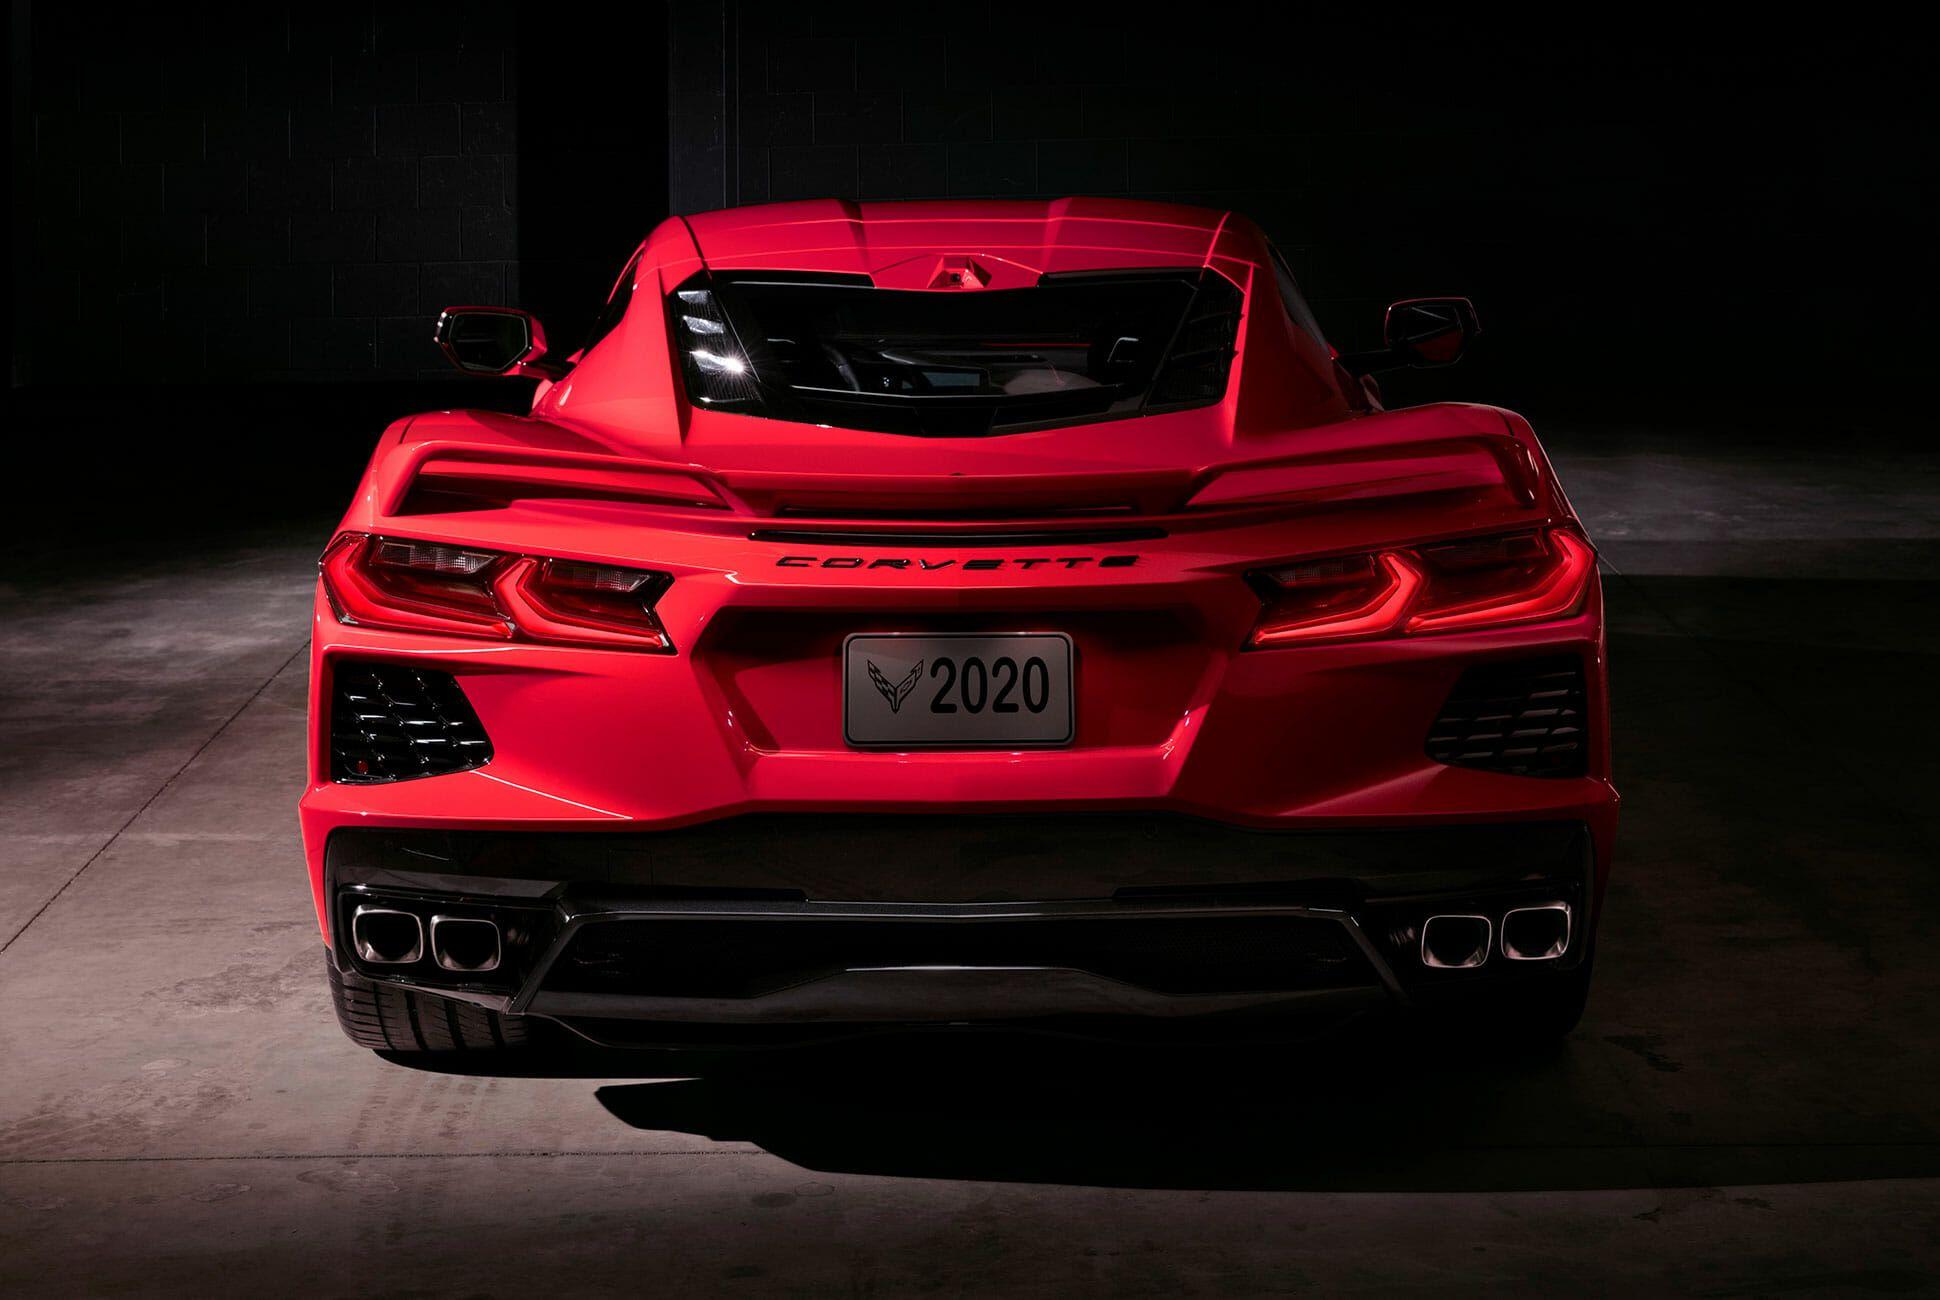 2020-Chevrolet-Corvette-Stingray-gear-patrol-slide-4